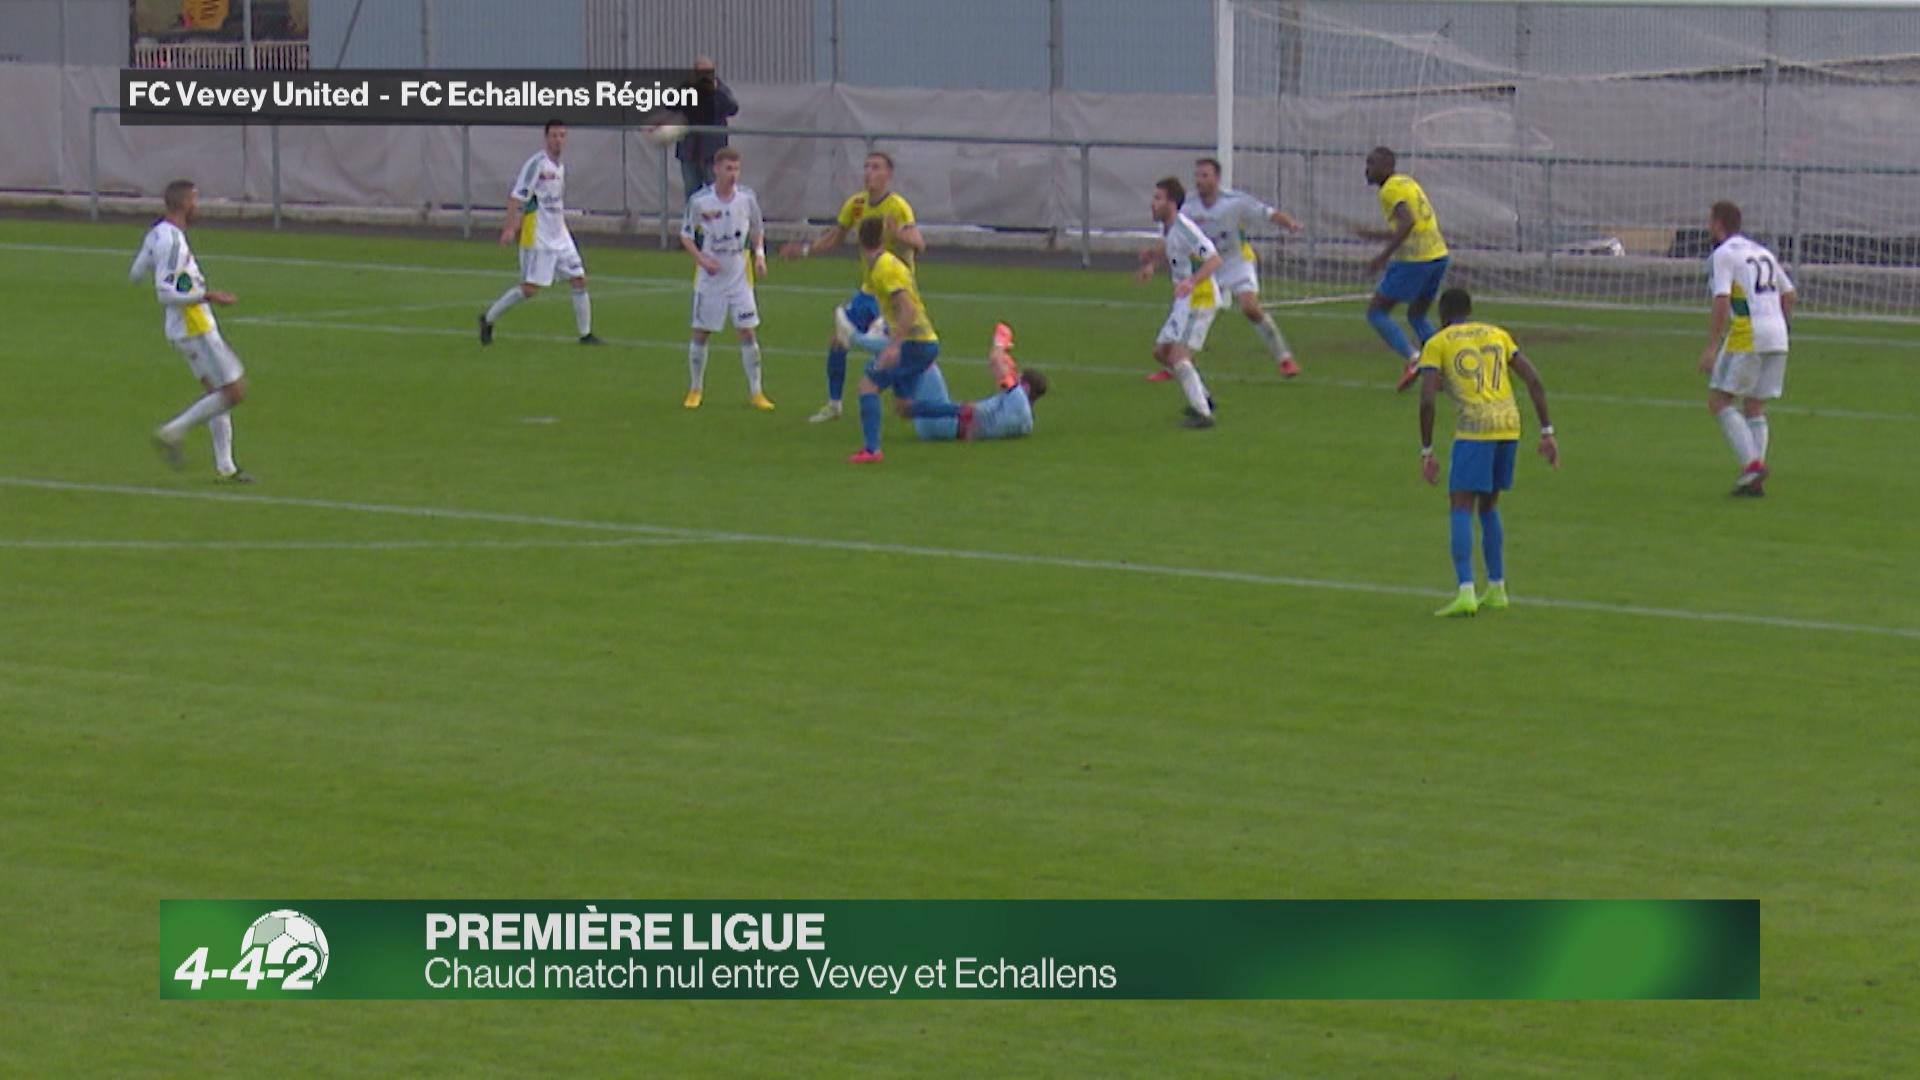 Chaud match nul entre Vevey et Echallens